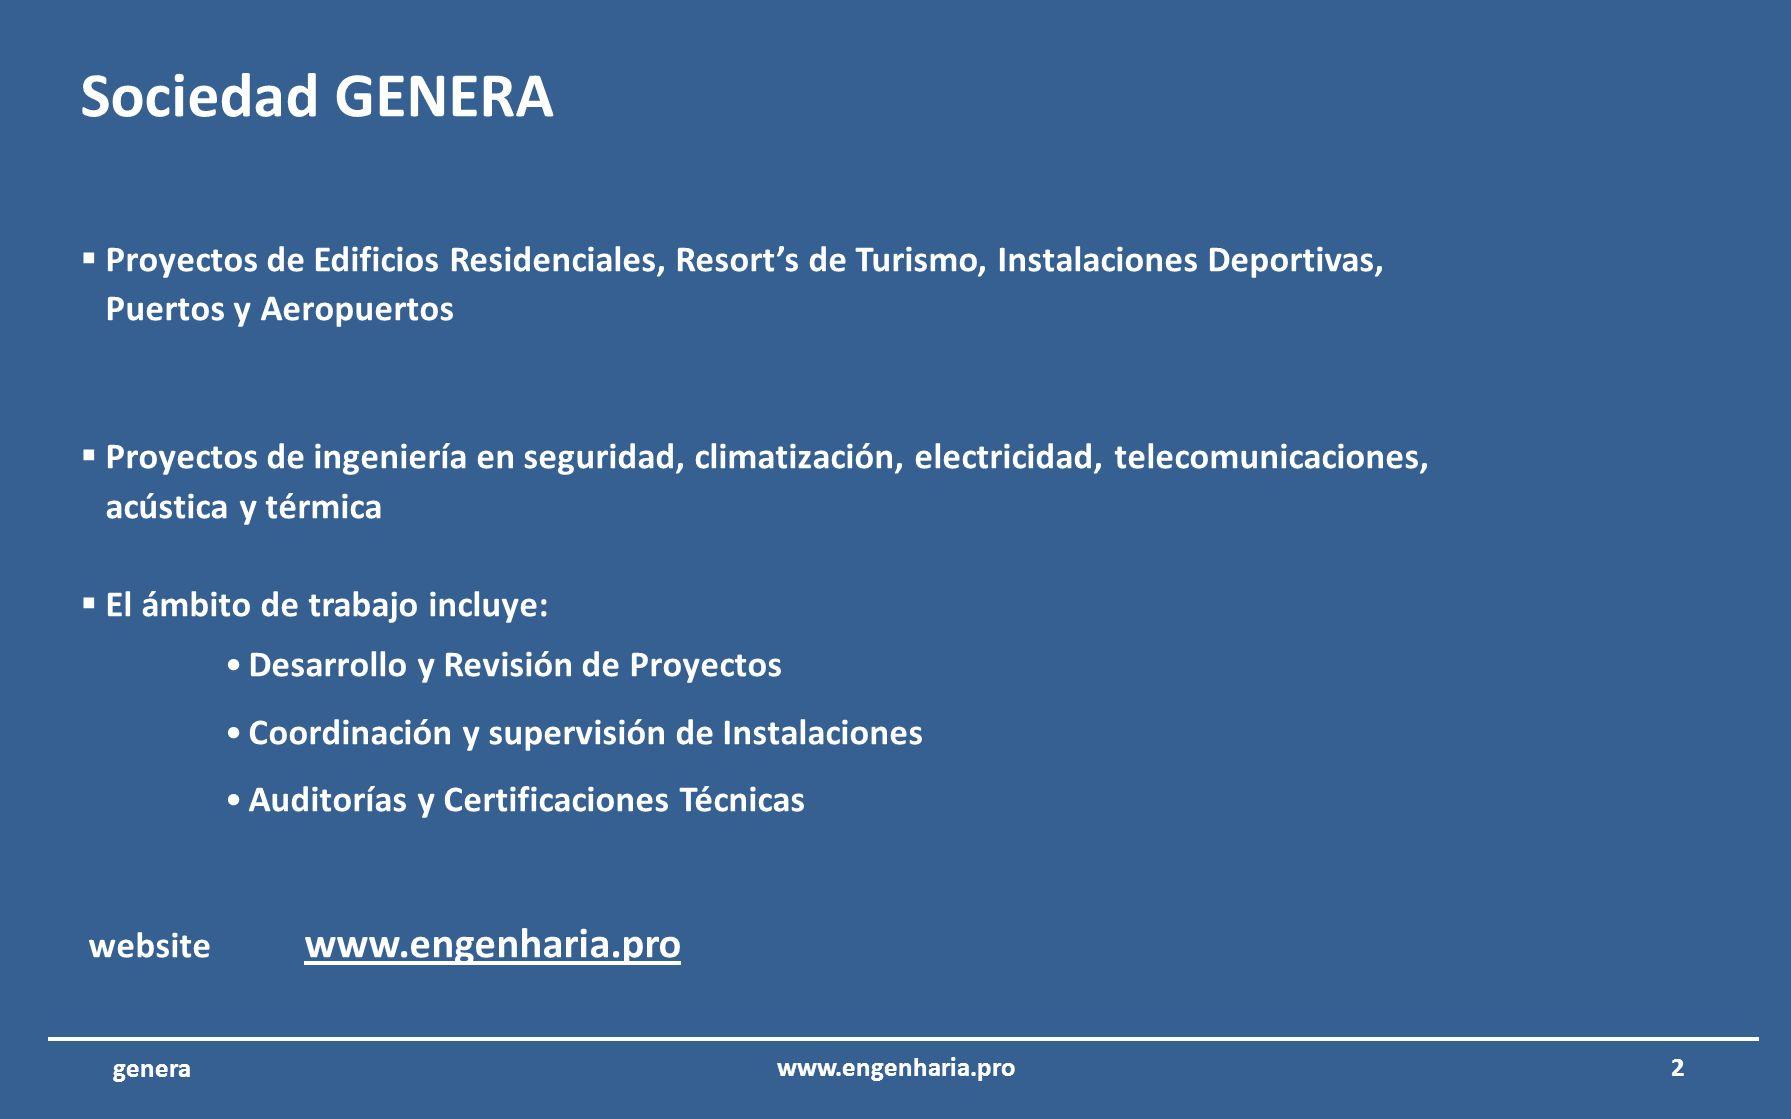 Sociedad GENERAProyectos de Edificios Residenciales, Resort's de Turismo, Instalaciones Deportivas,